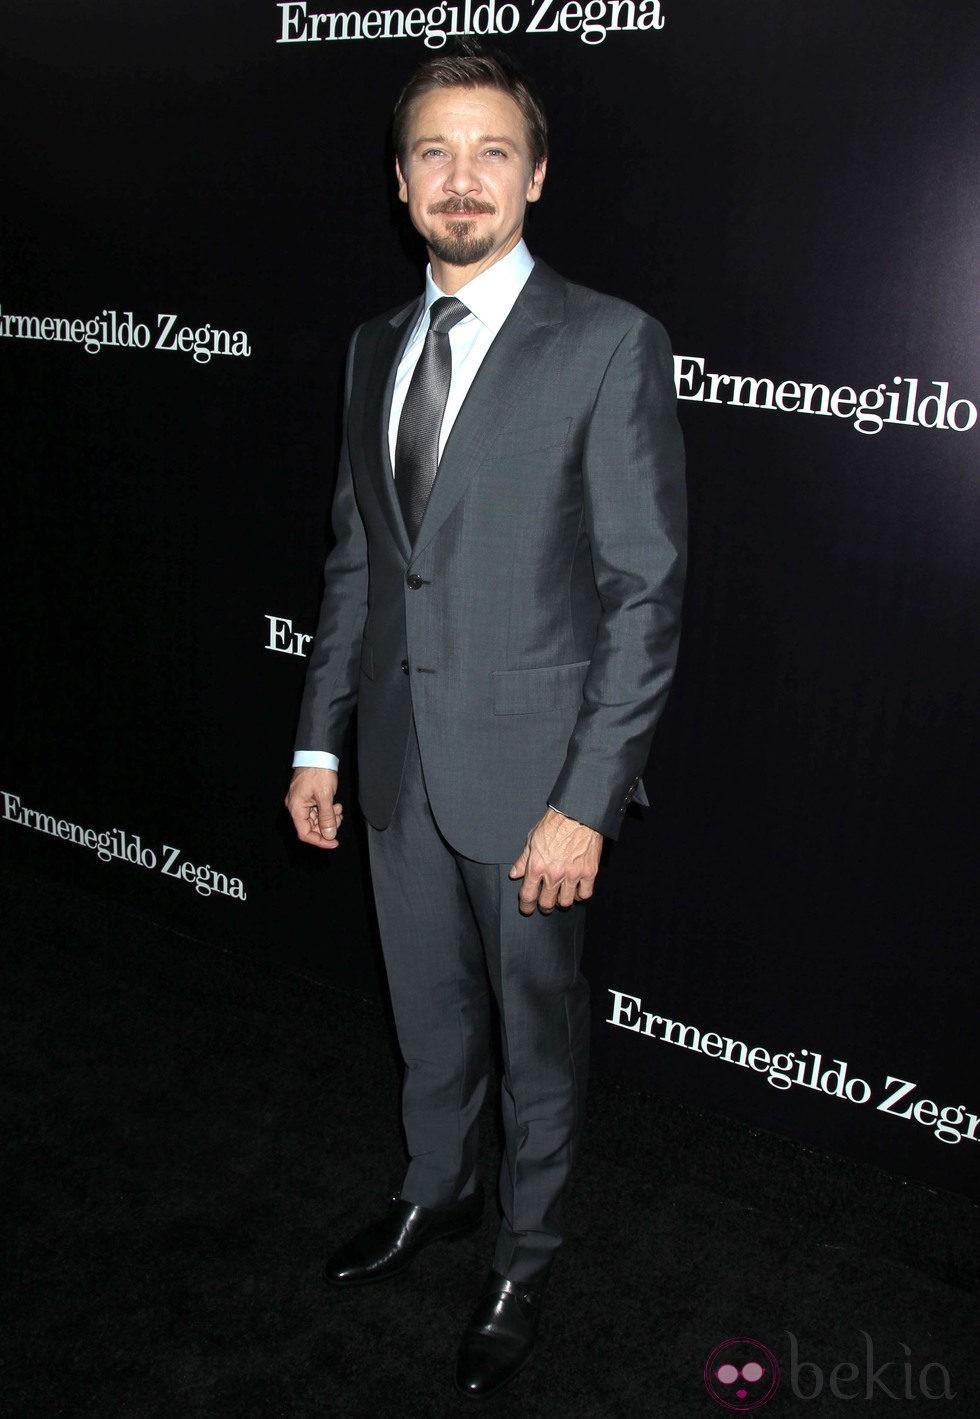 Jeremy Renner en la apertura de una tienda de Ermenegildo Zegna en Beverly Hills